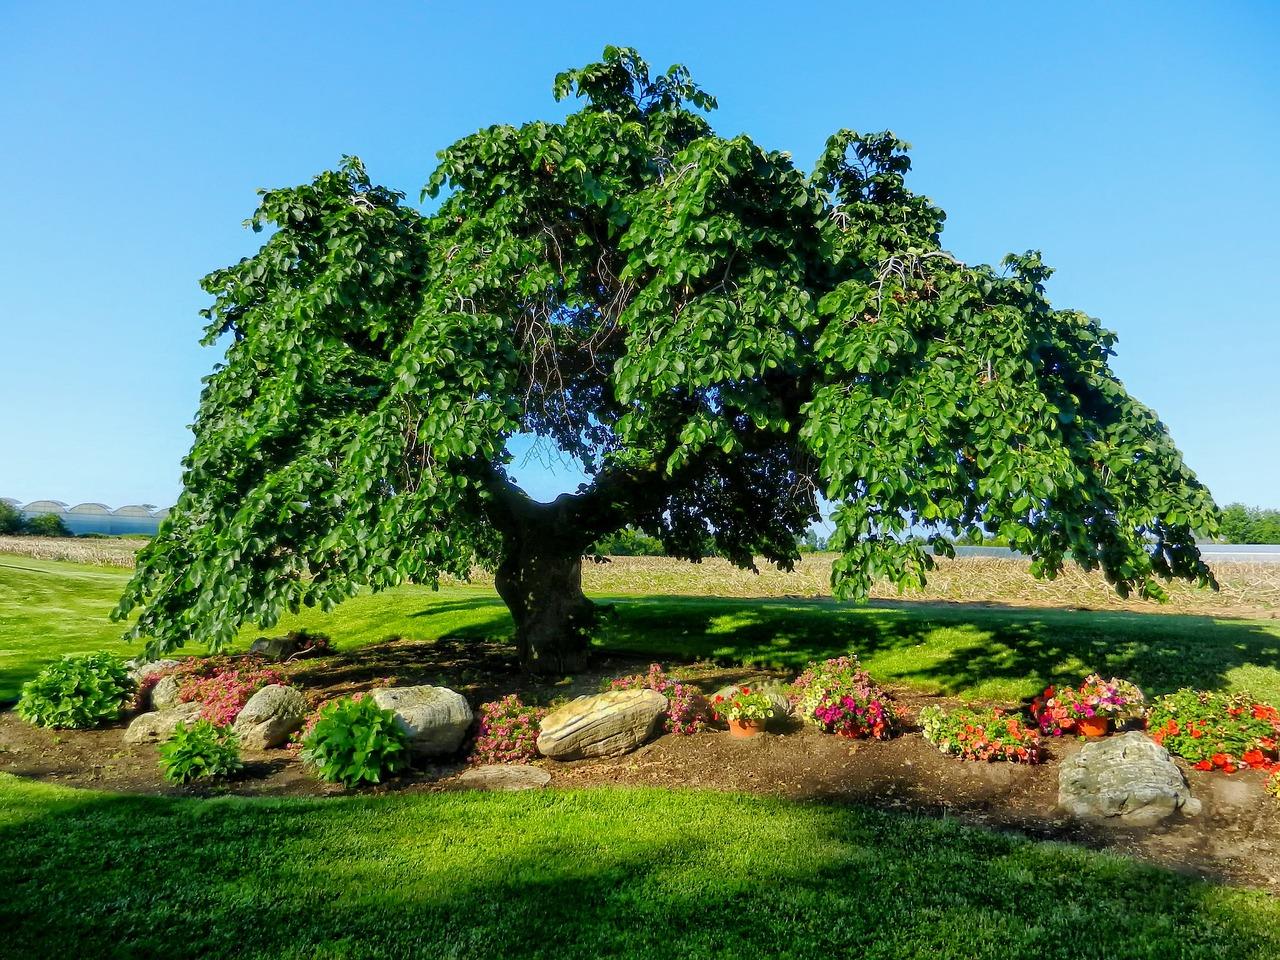 Картинка дерева карагач